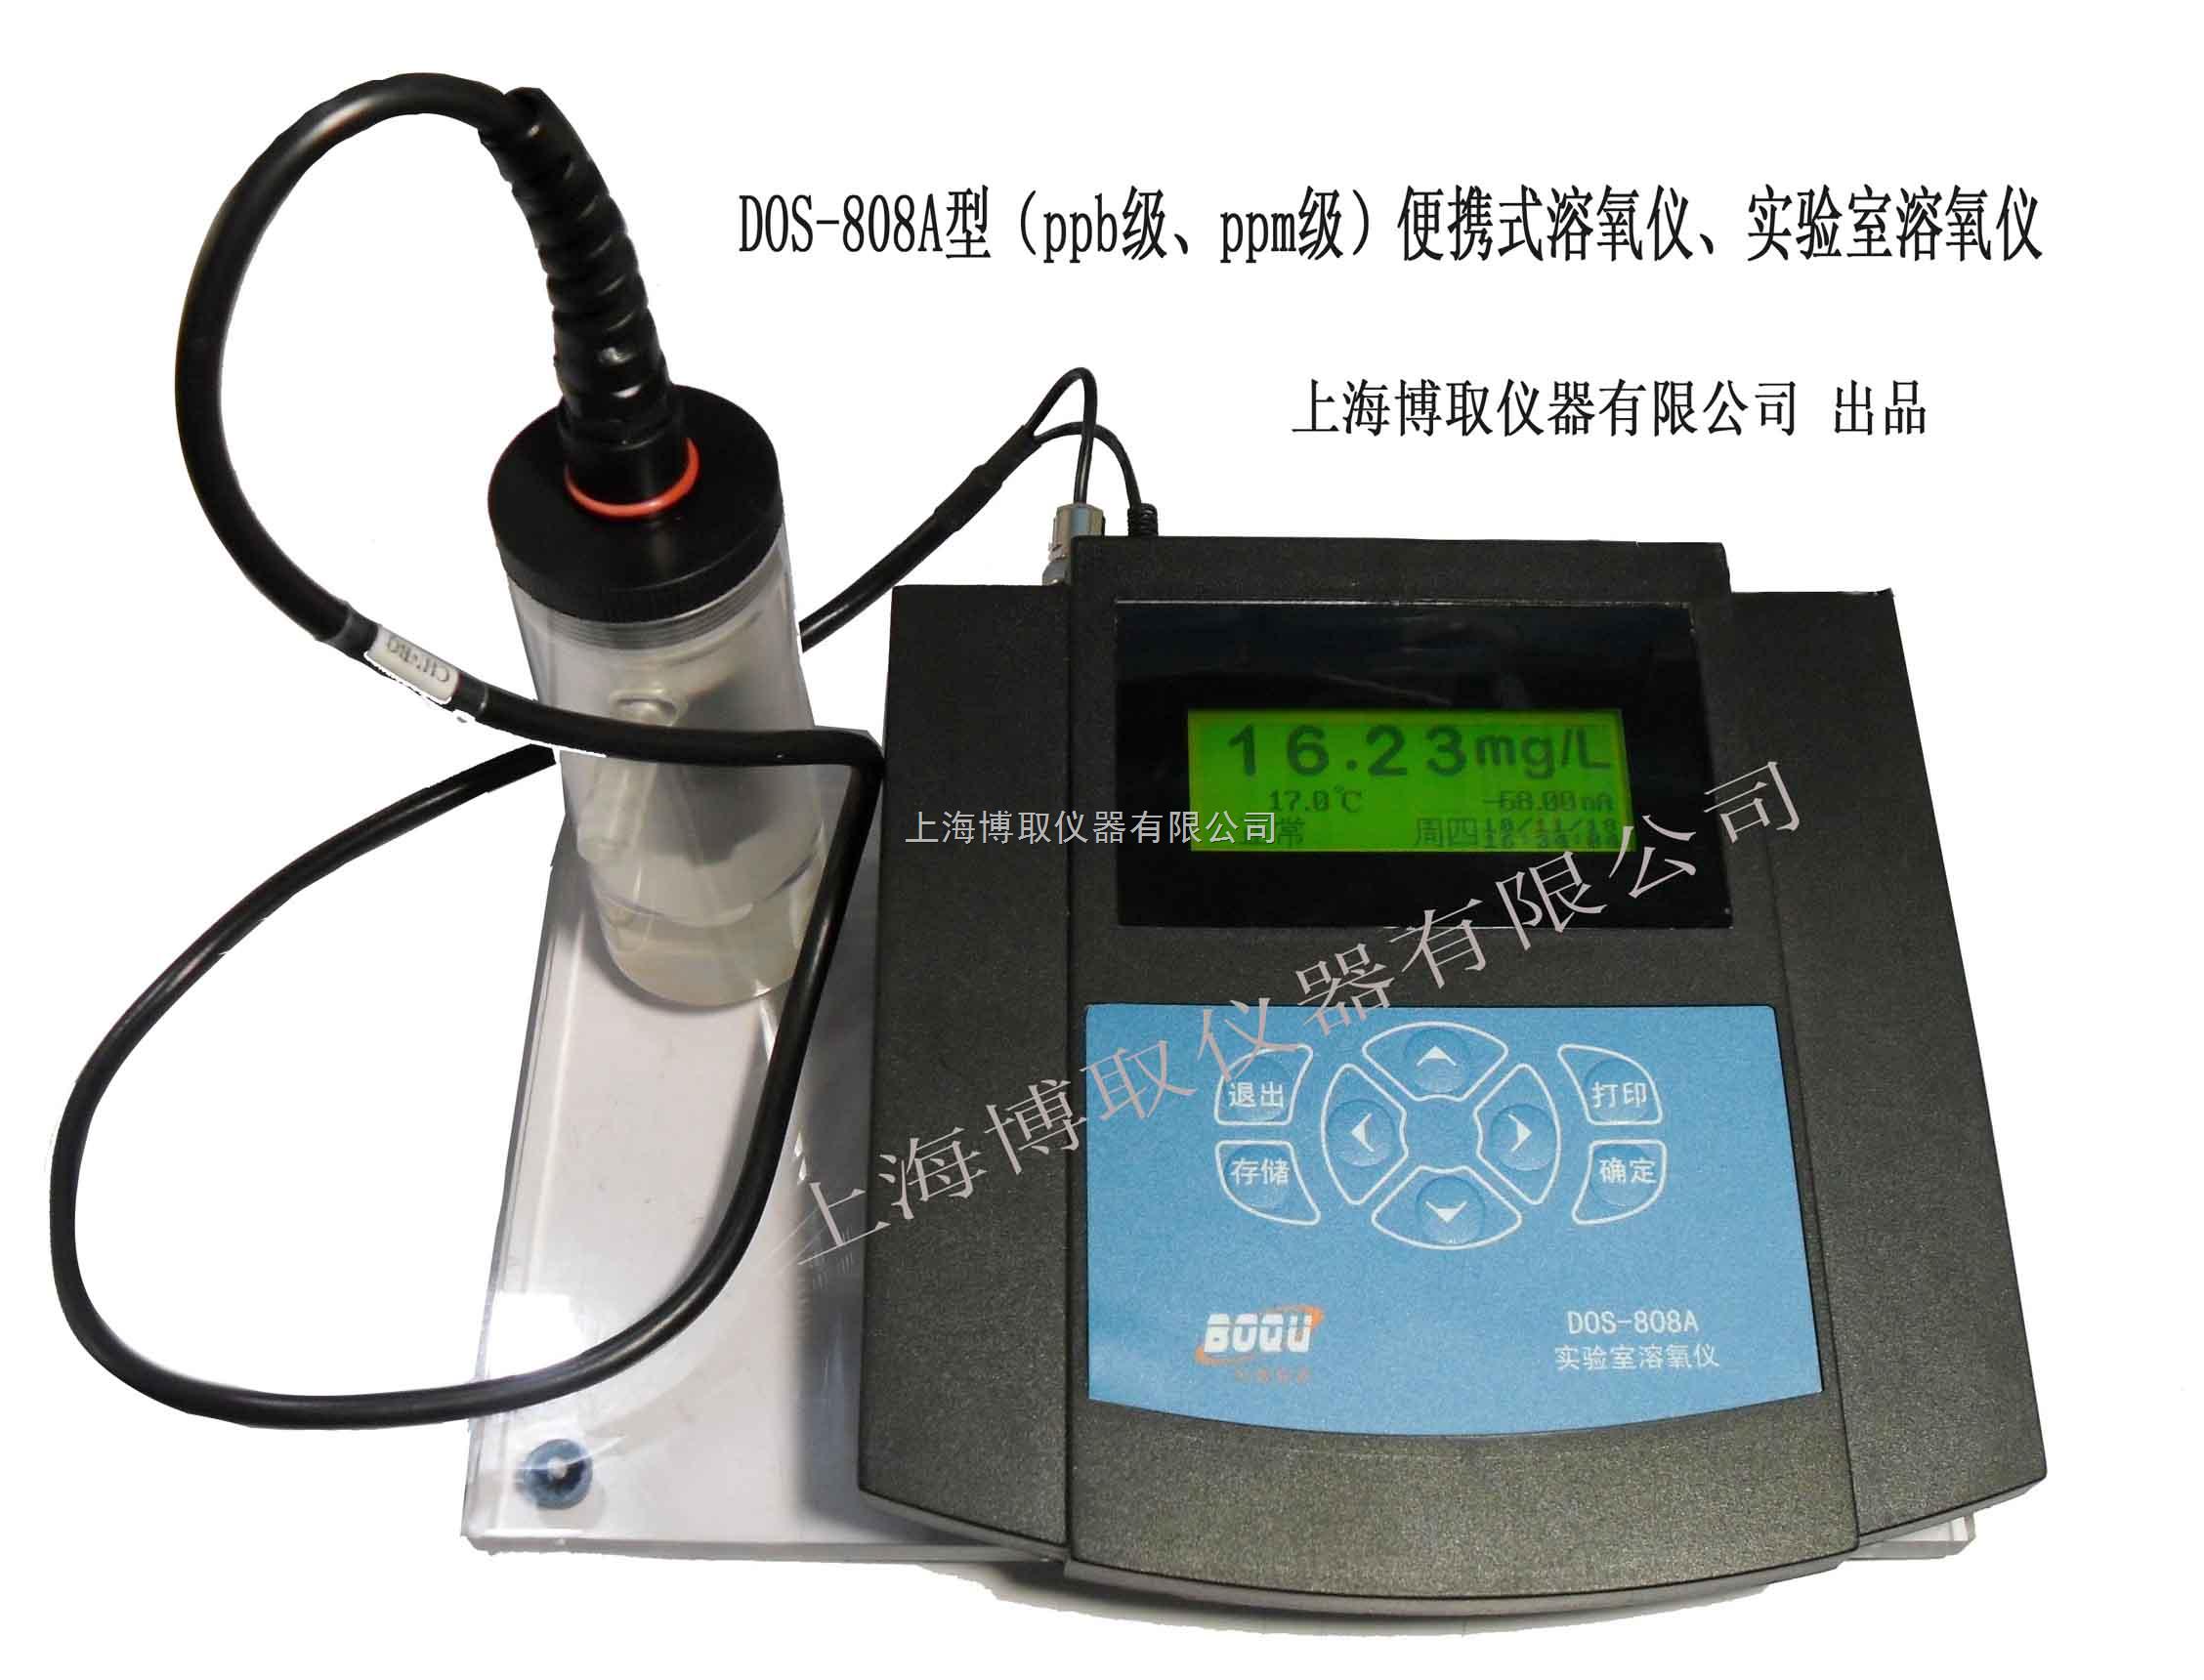 電廠微量溶氧儀DOS-808A型PPb級